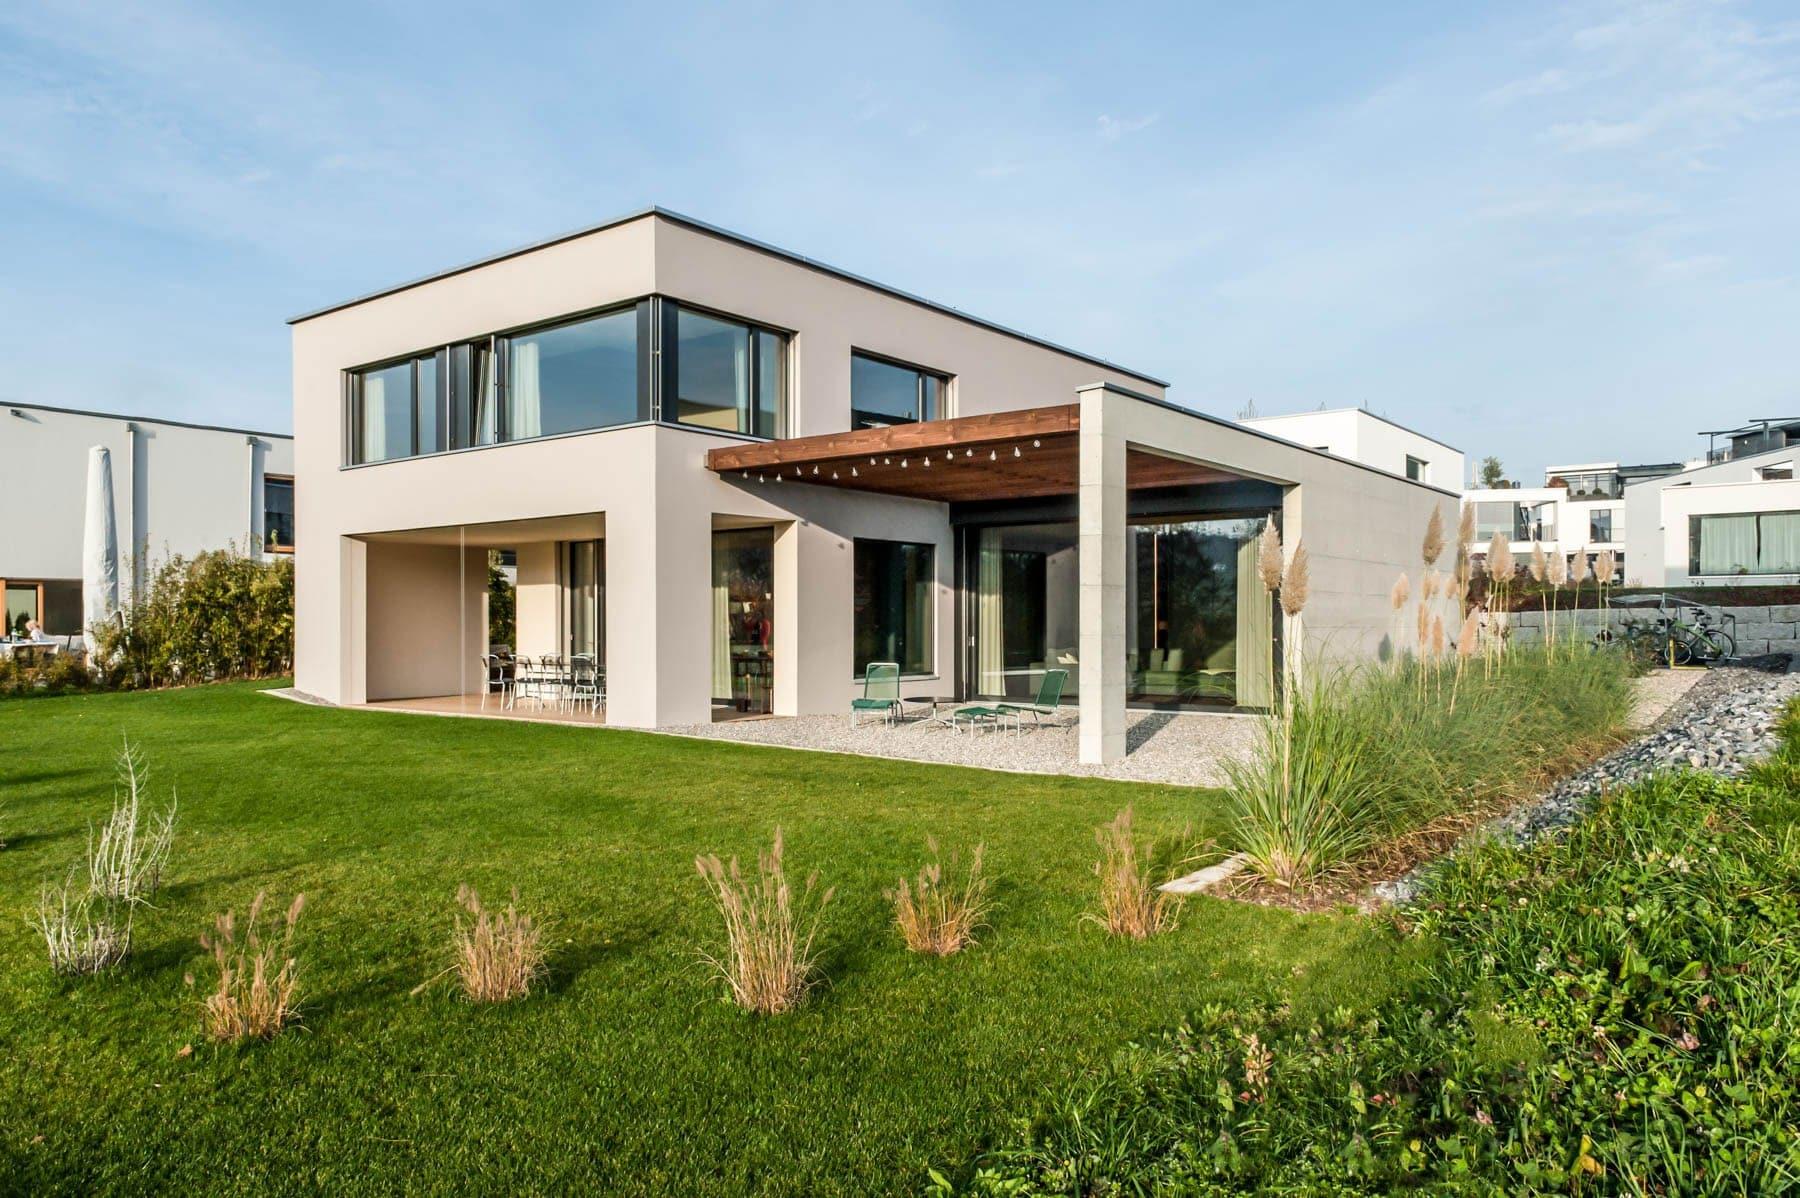 Delussu-Fotografie_Architektur_Graf_Architektur